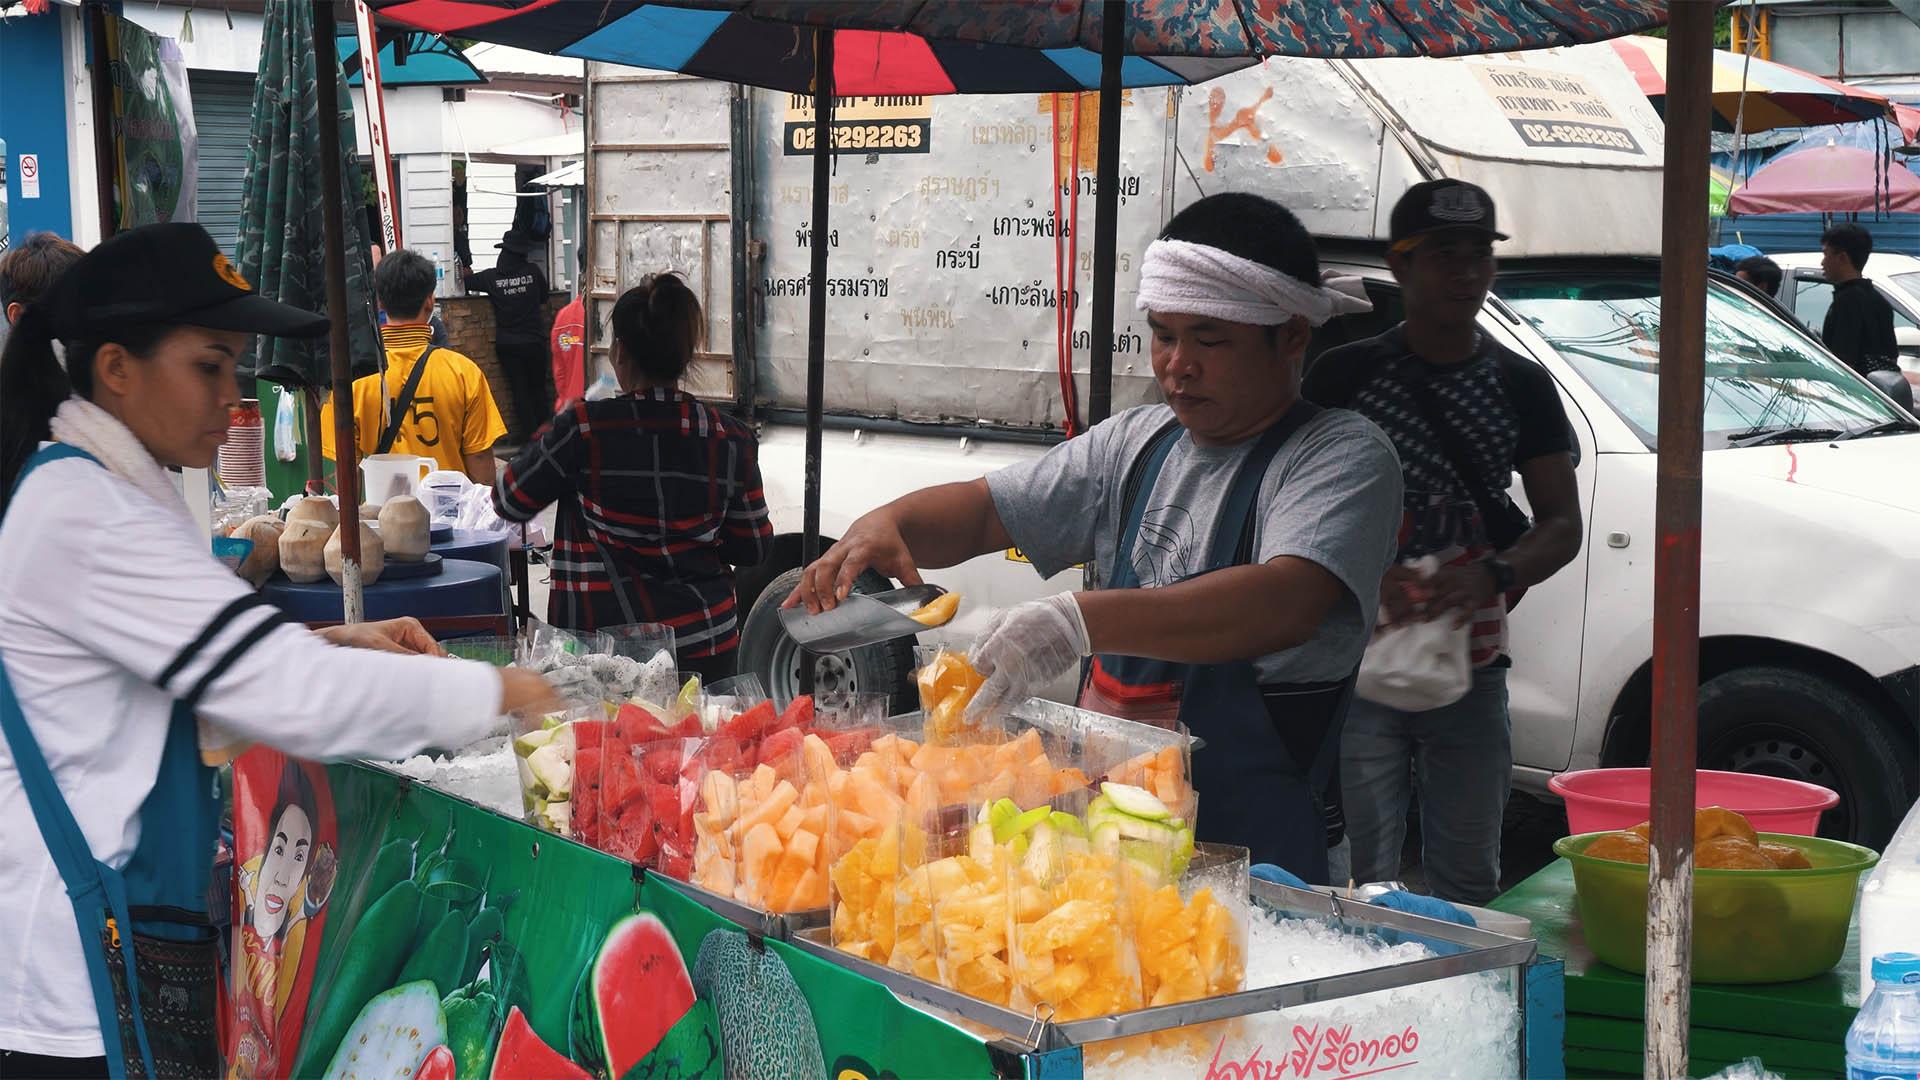 Essen am Chatuchak Weekend Market